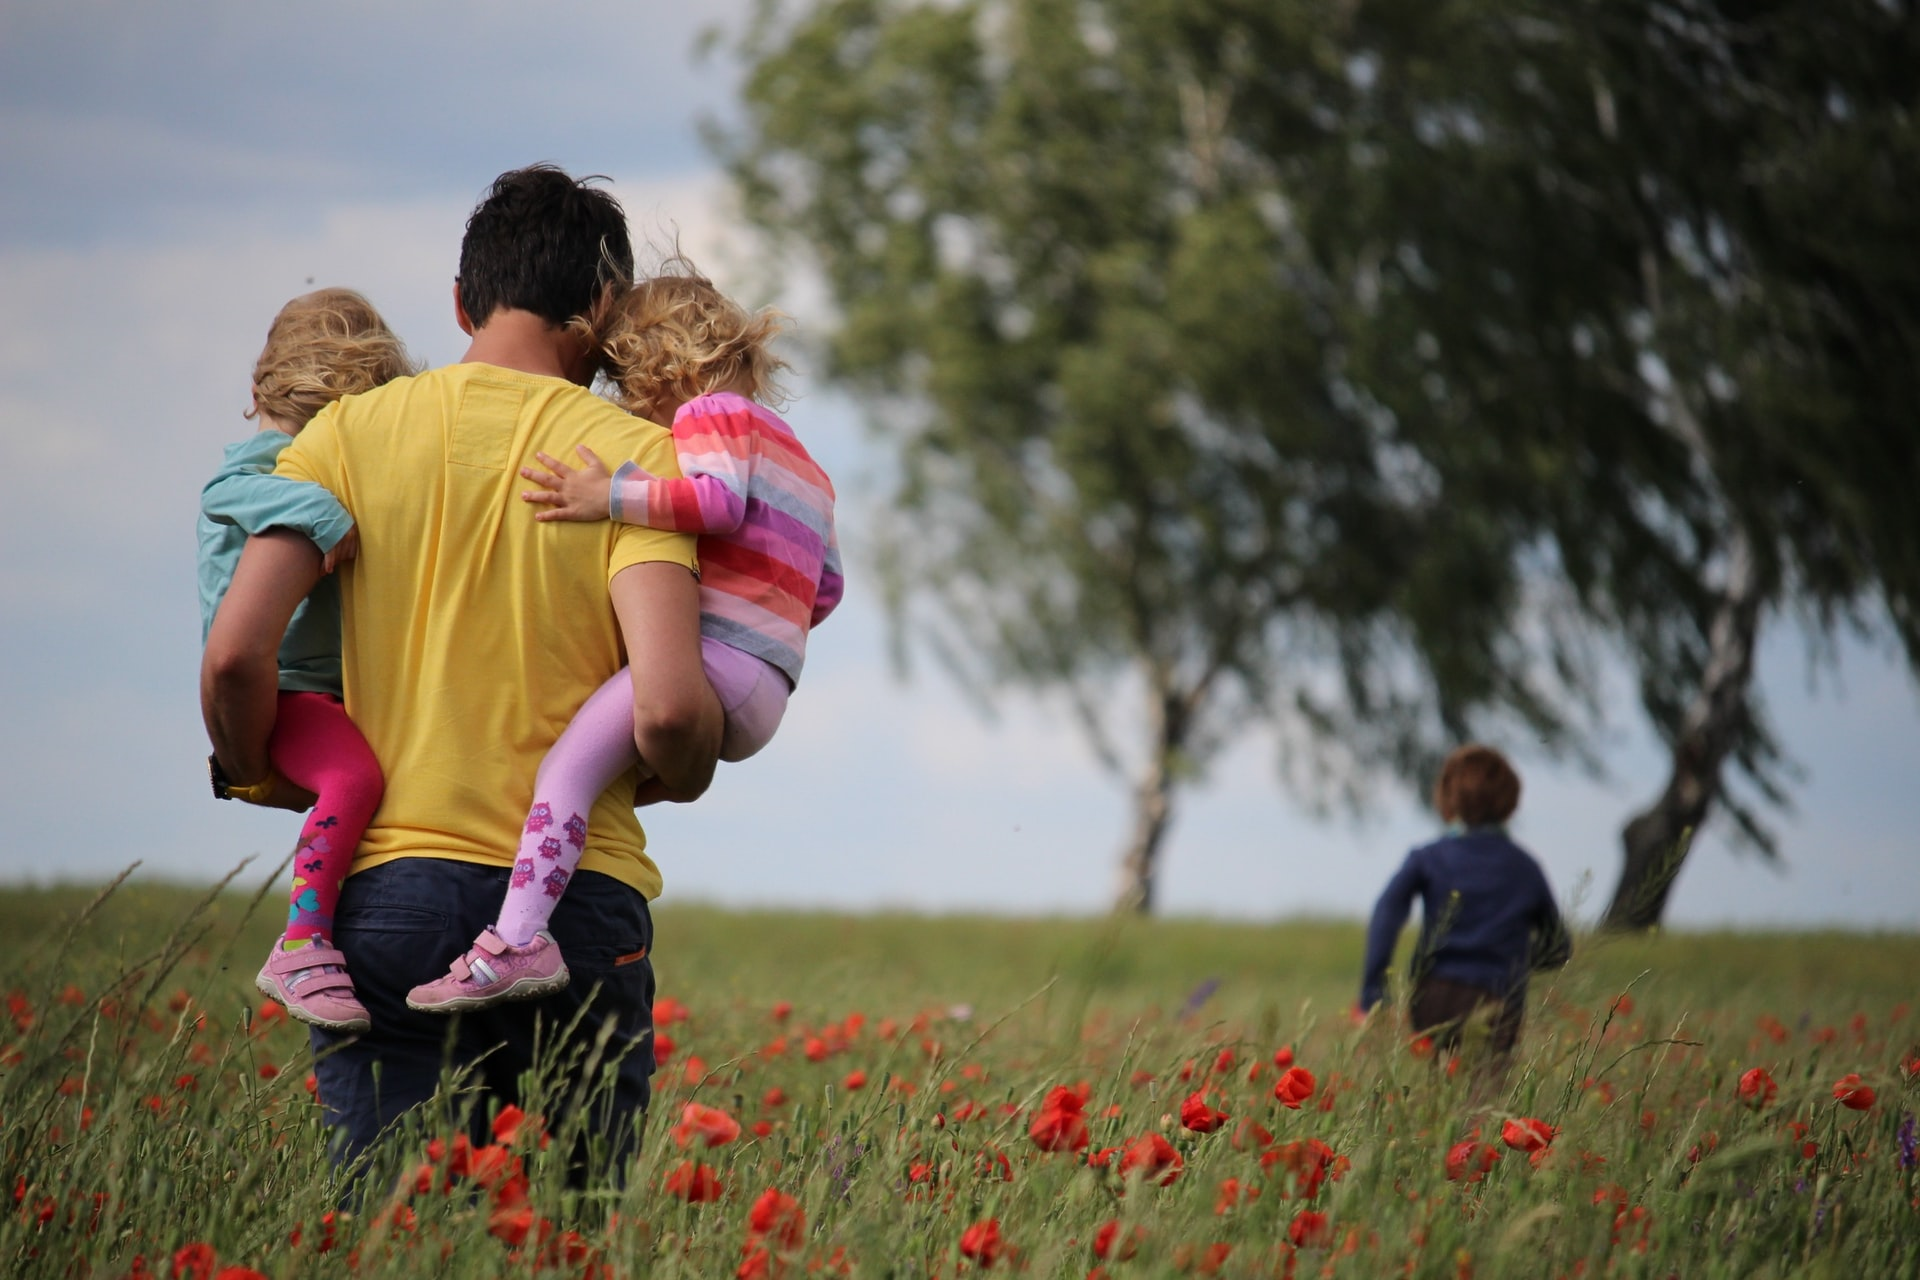 Единовременная выплата на детей школьного возраста: на самые частые вопросы отвечает Минтруда РФ